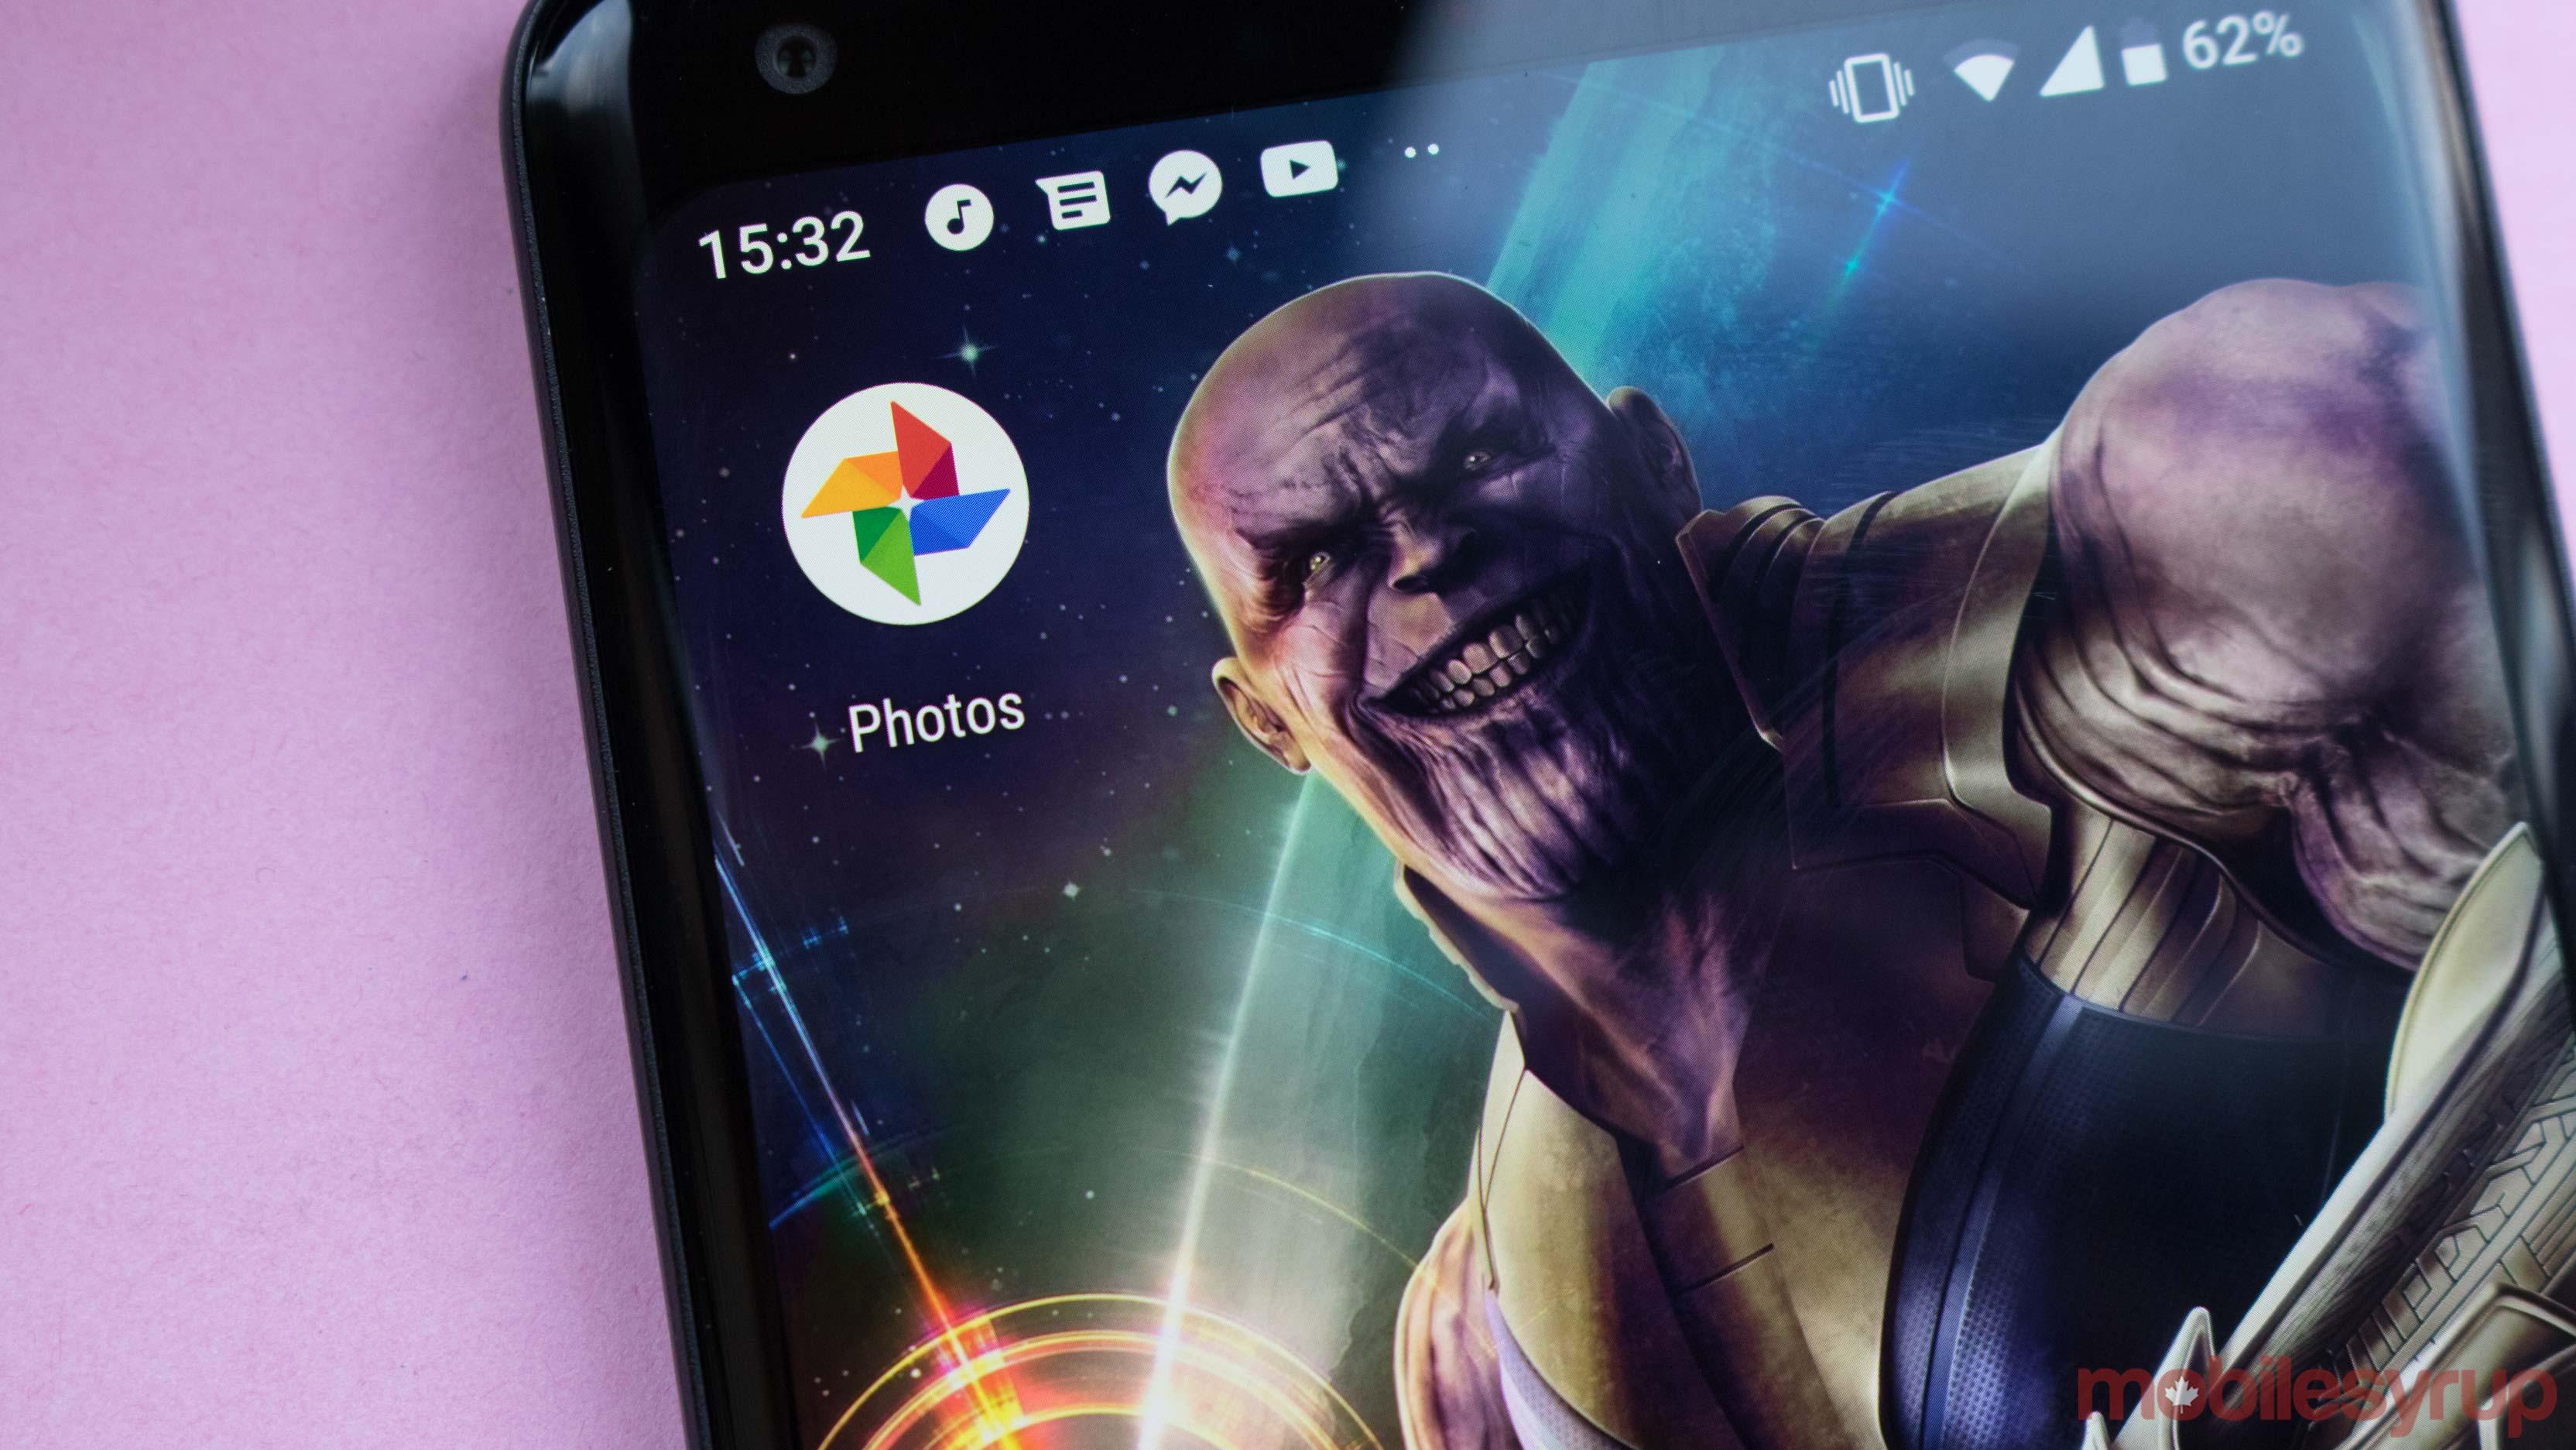 Google Photos Thanos